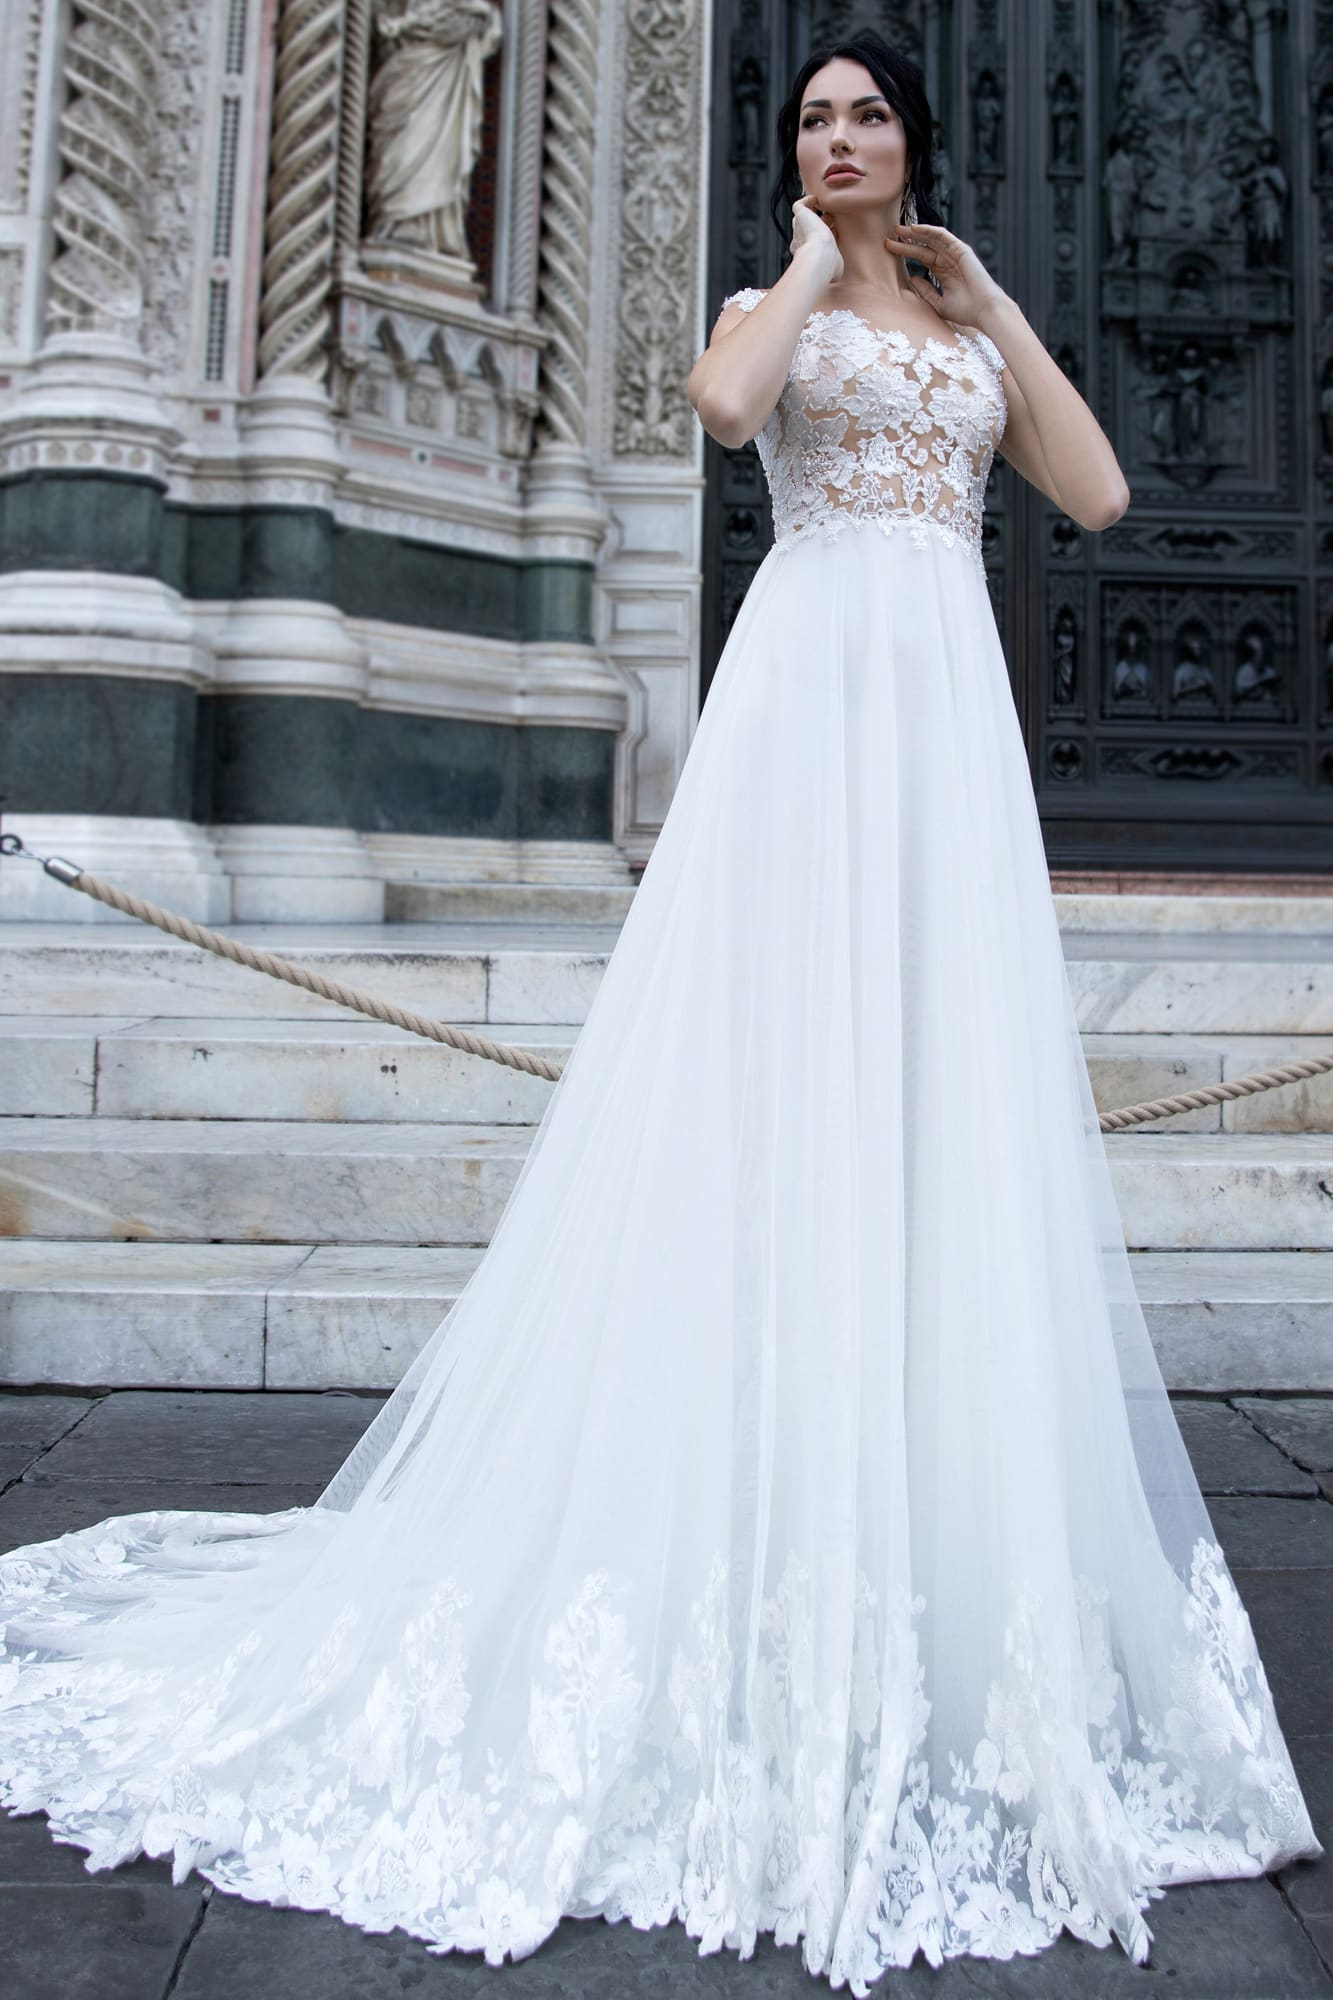 Прямое свадебное платье с полупрозрачным лифом с коротким кружевным рукавом.